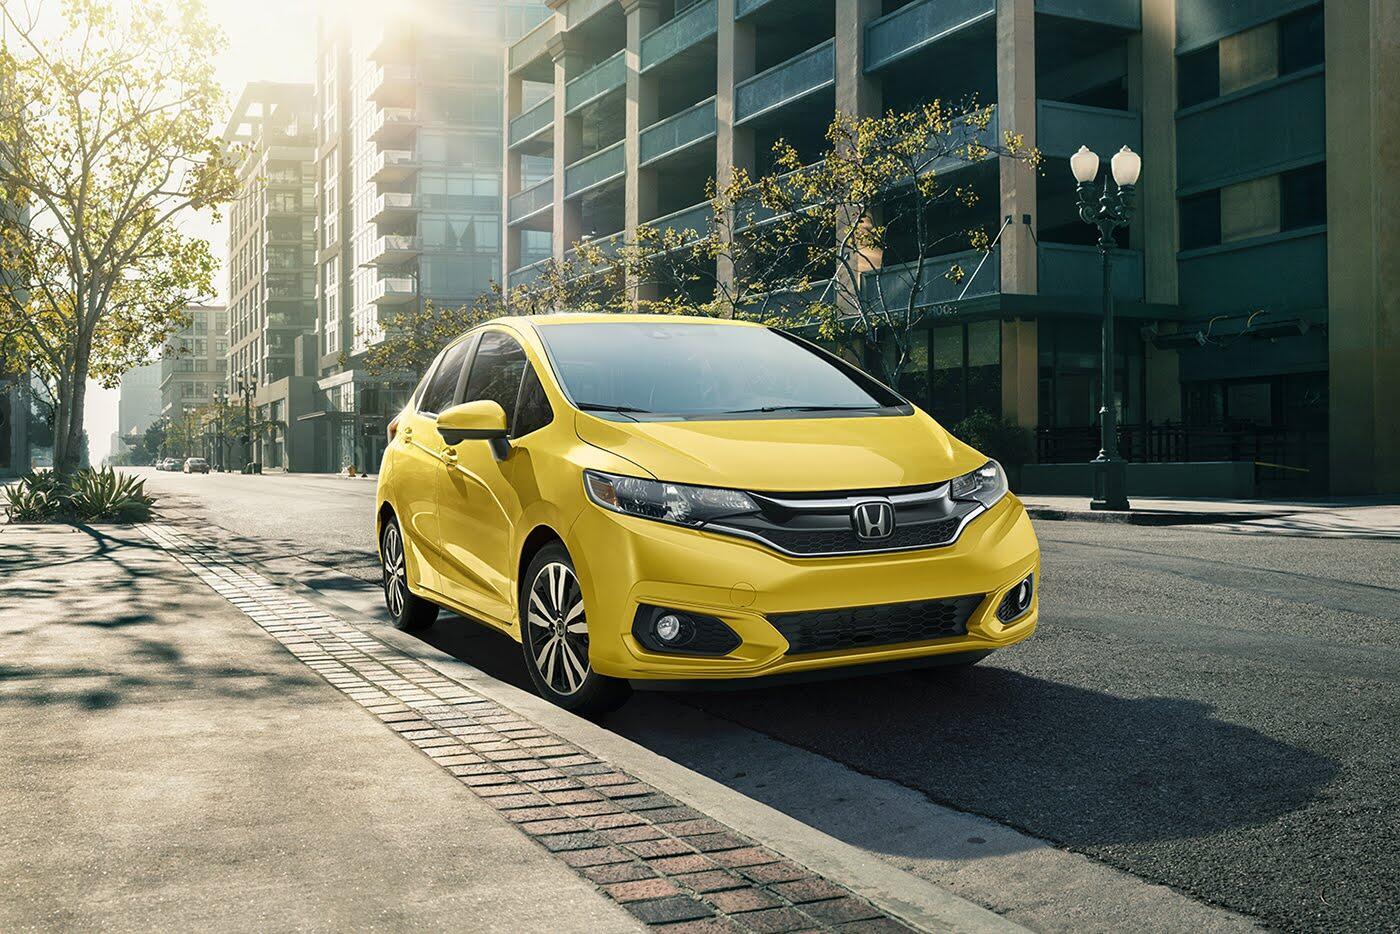 Lộ diện Honda Fit 2018 với thiết kế mới - Hình 2